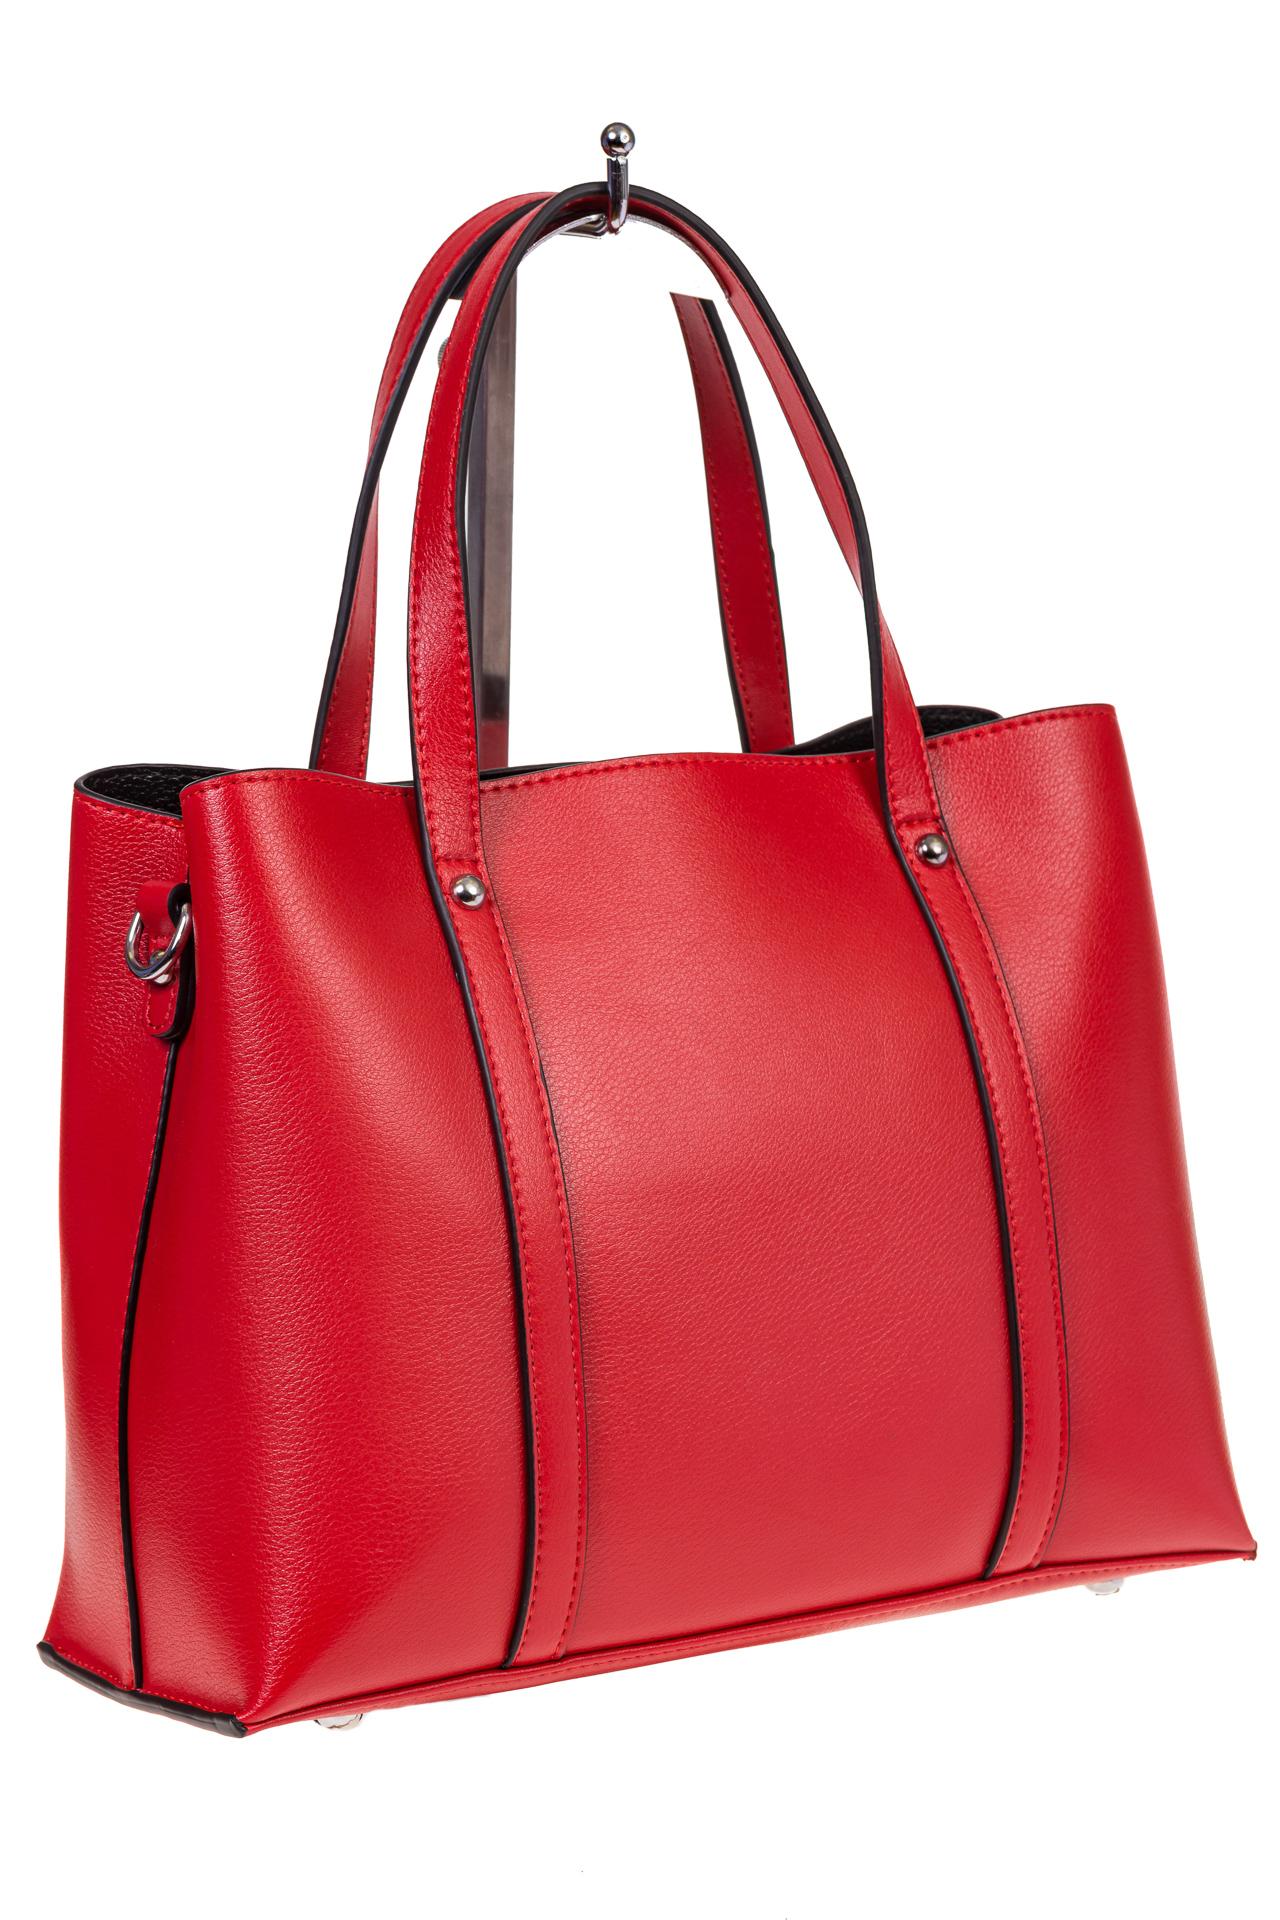 Женская сумка из натуральной кожи красного цвета, стильный тоут для оптовых клиентов